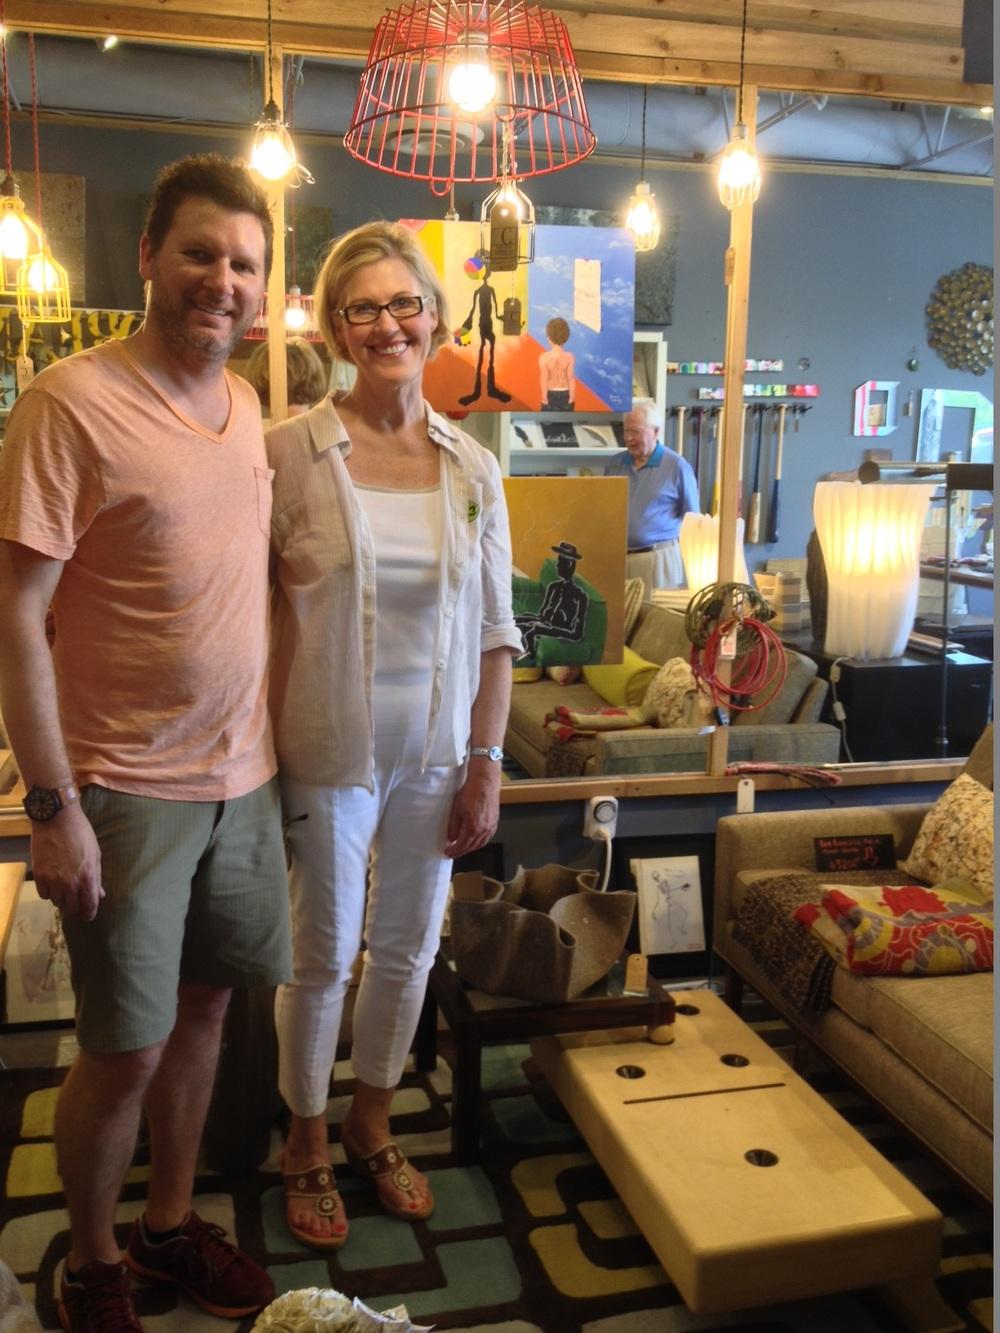 Bryan Wetz & Mary Anne Smiley